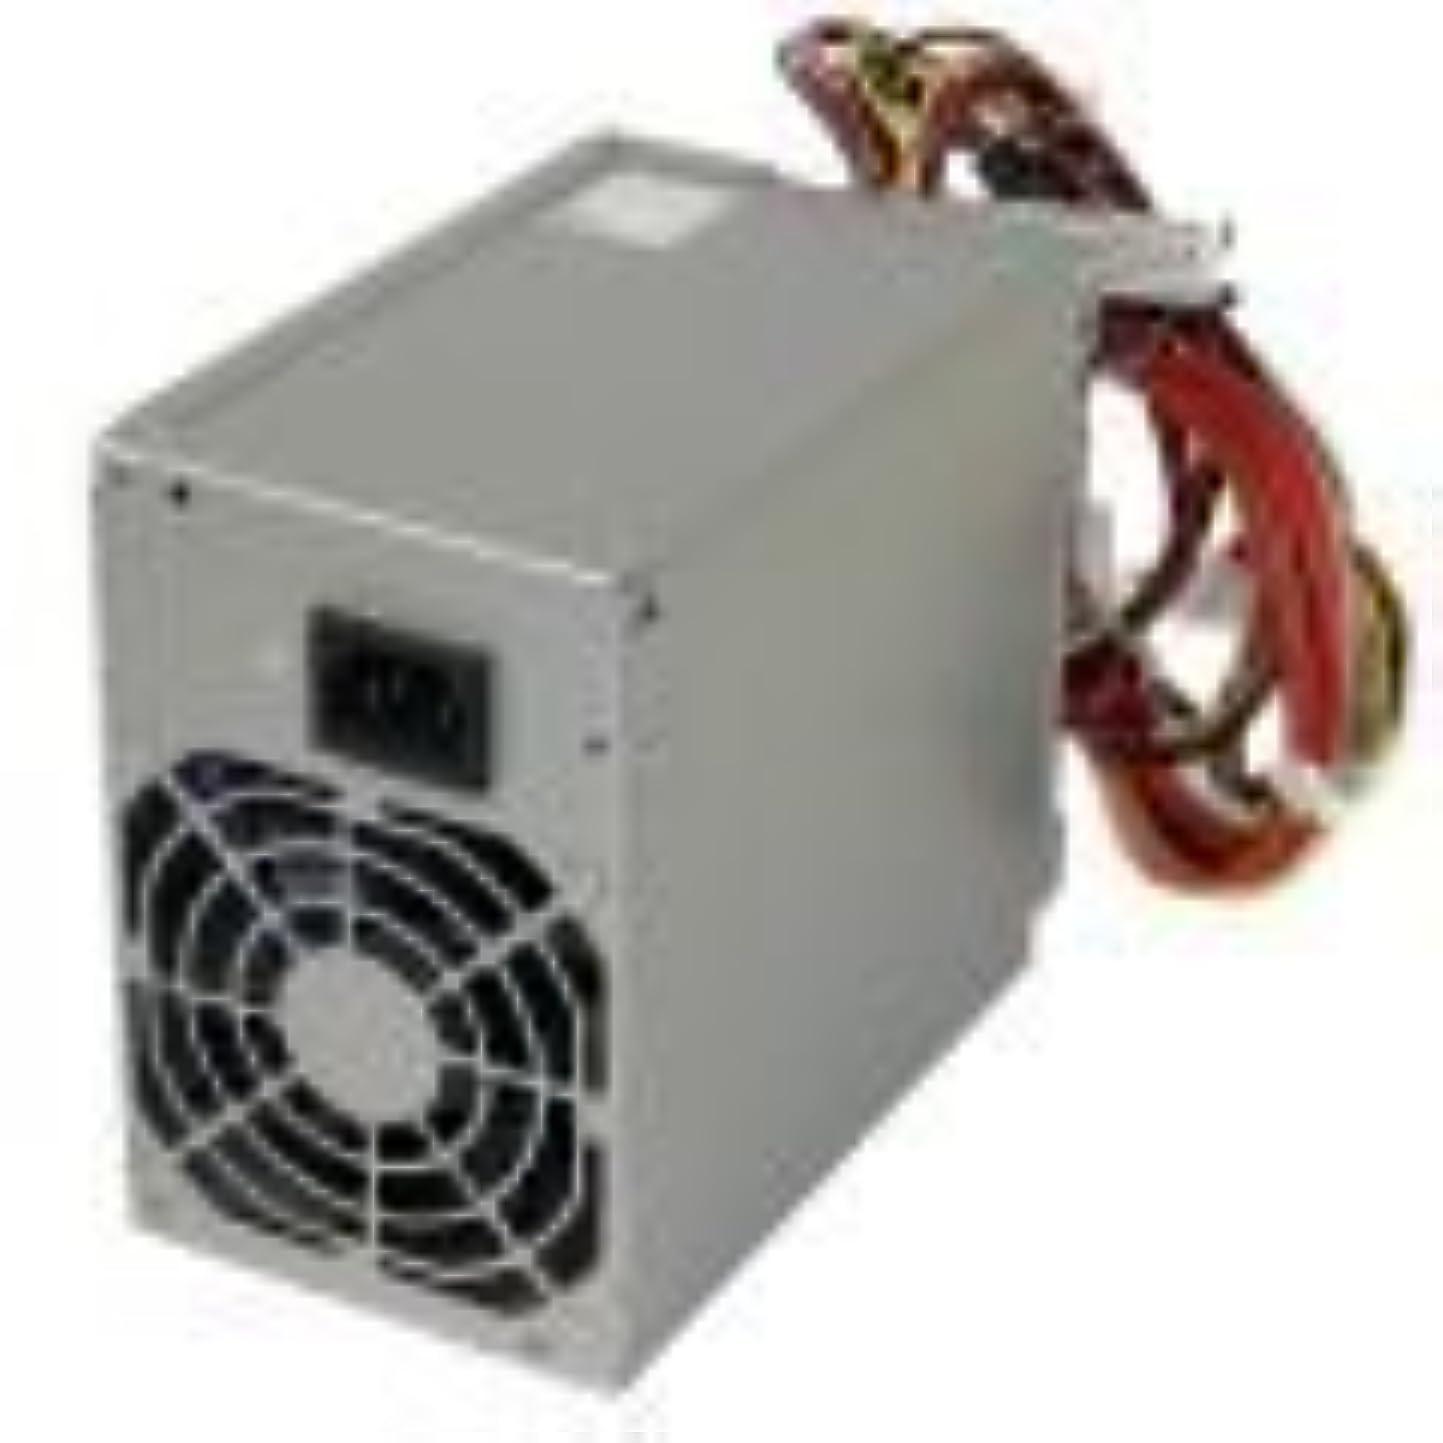 と遊ぶ厚いコストPower Supply For Dell Optiplex 760 780 960 DT 255W T164M RM110 F255E-01 D255P-00 [並行輸入品]